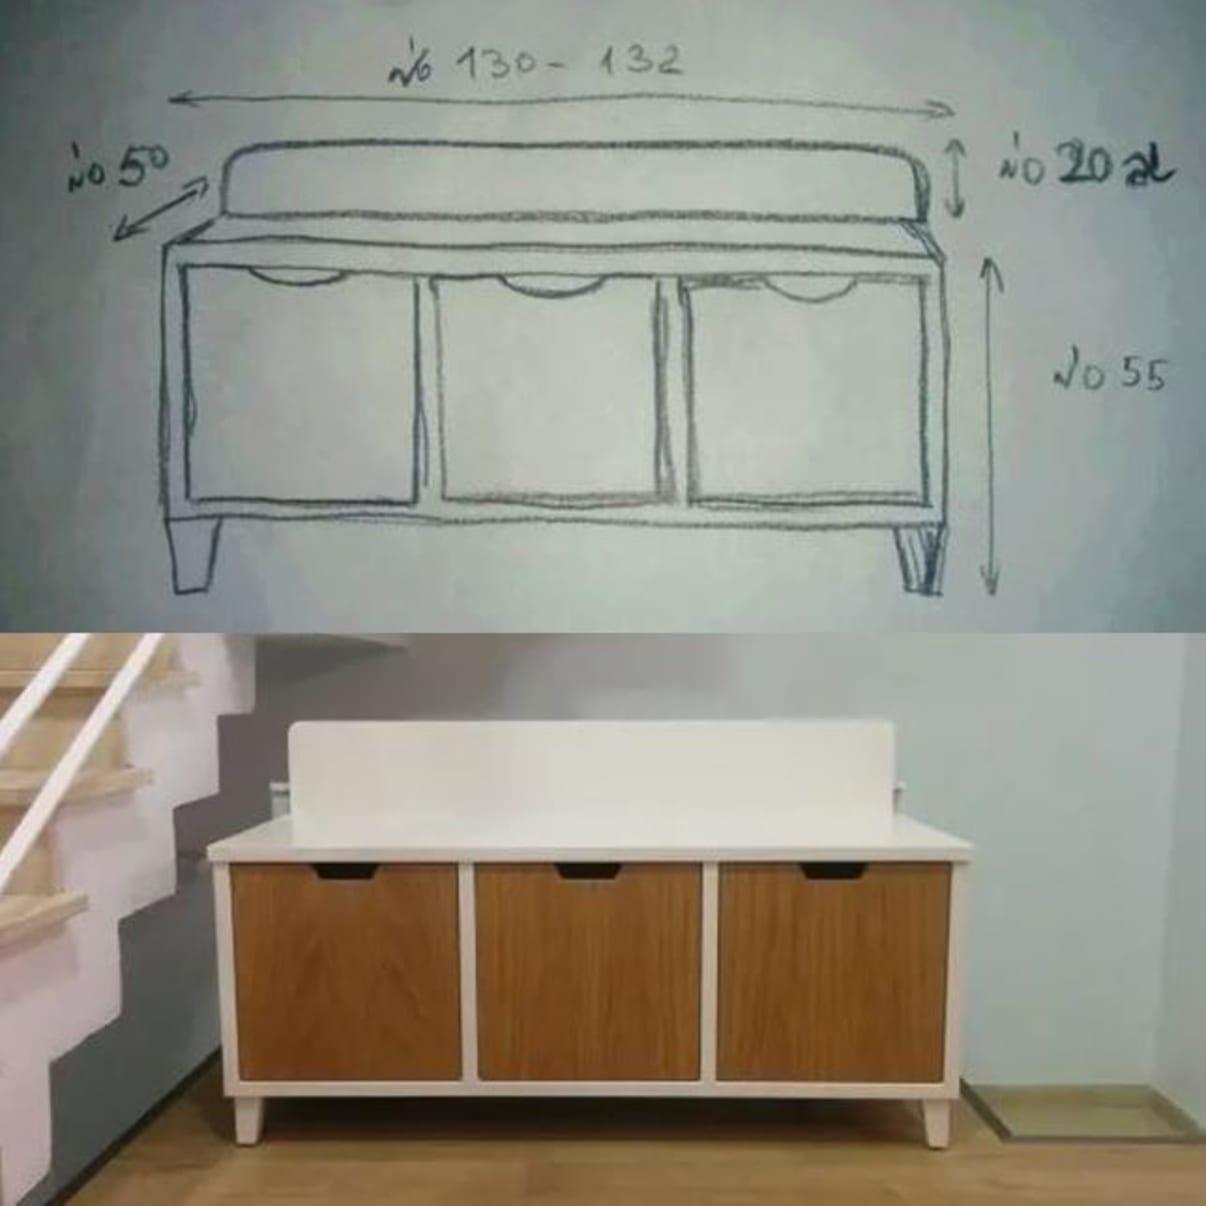 נגרות בהתאמה אישית   שרטוט של ספסל אחסון + הספסל הבנוי